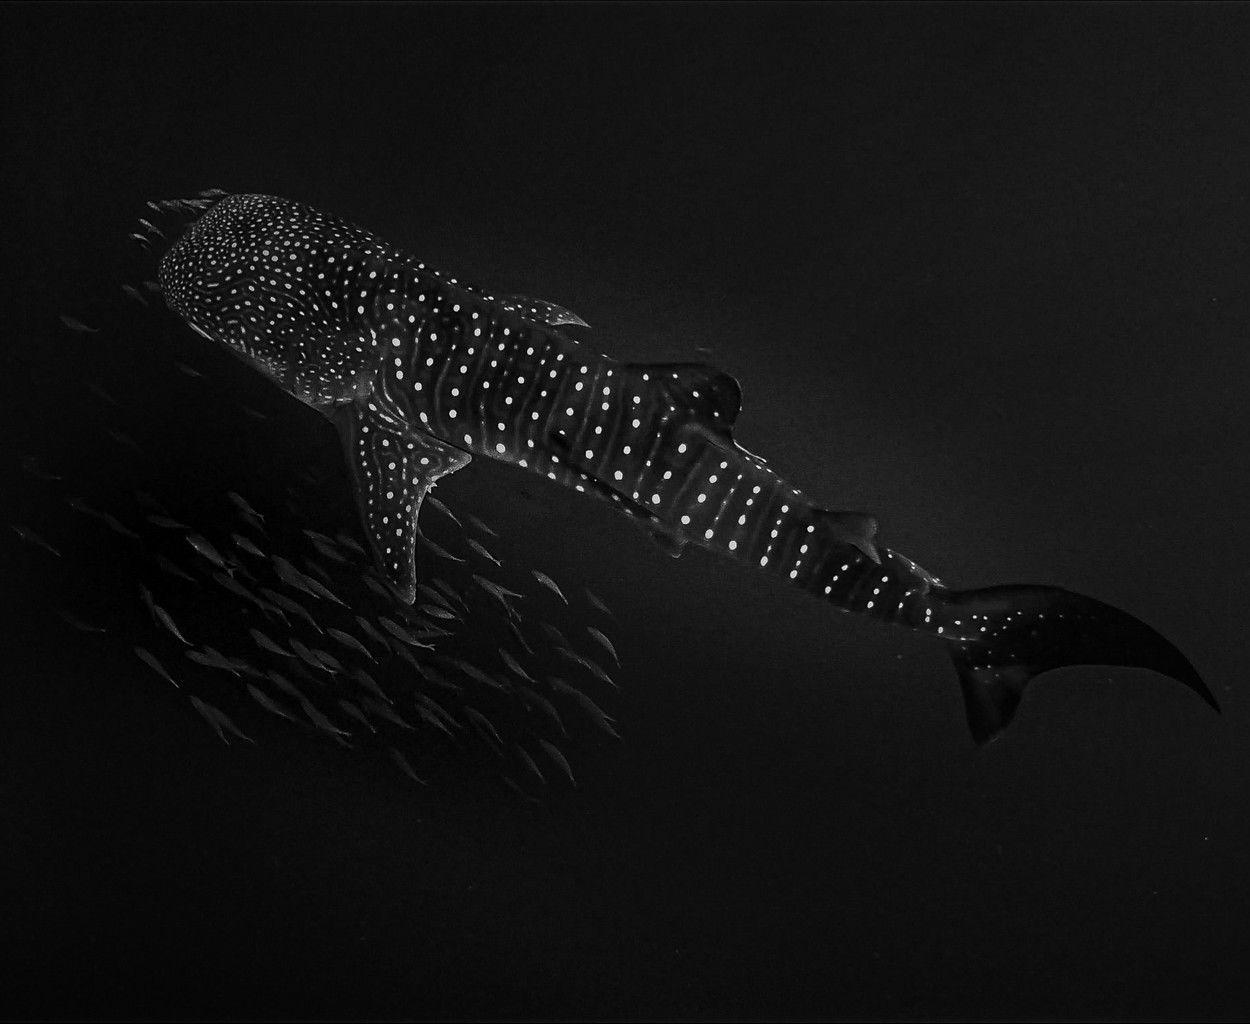 Fotó: Simona Auteri/Focus for Survival Wildlife Photography Competition